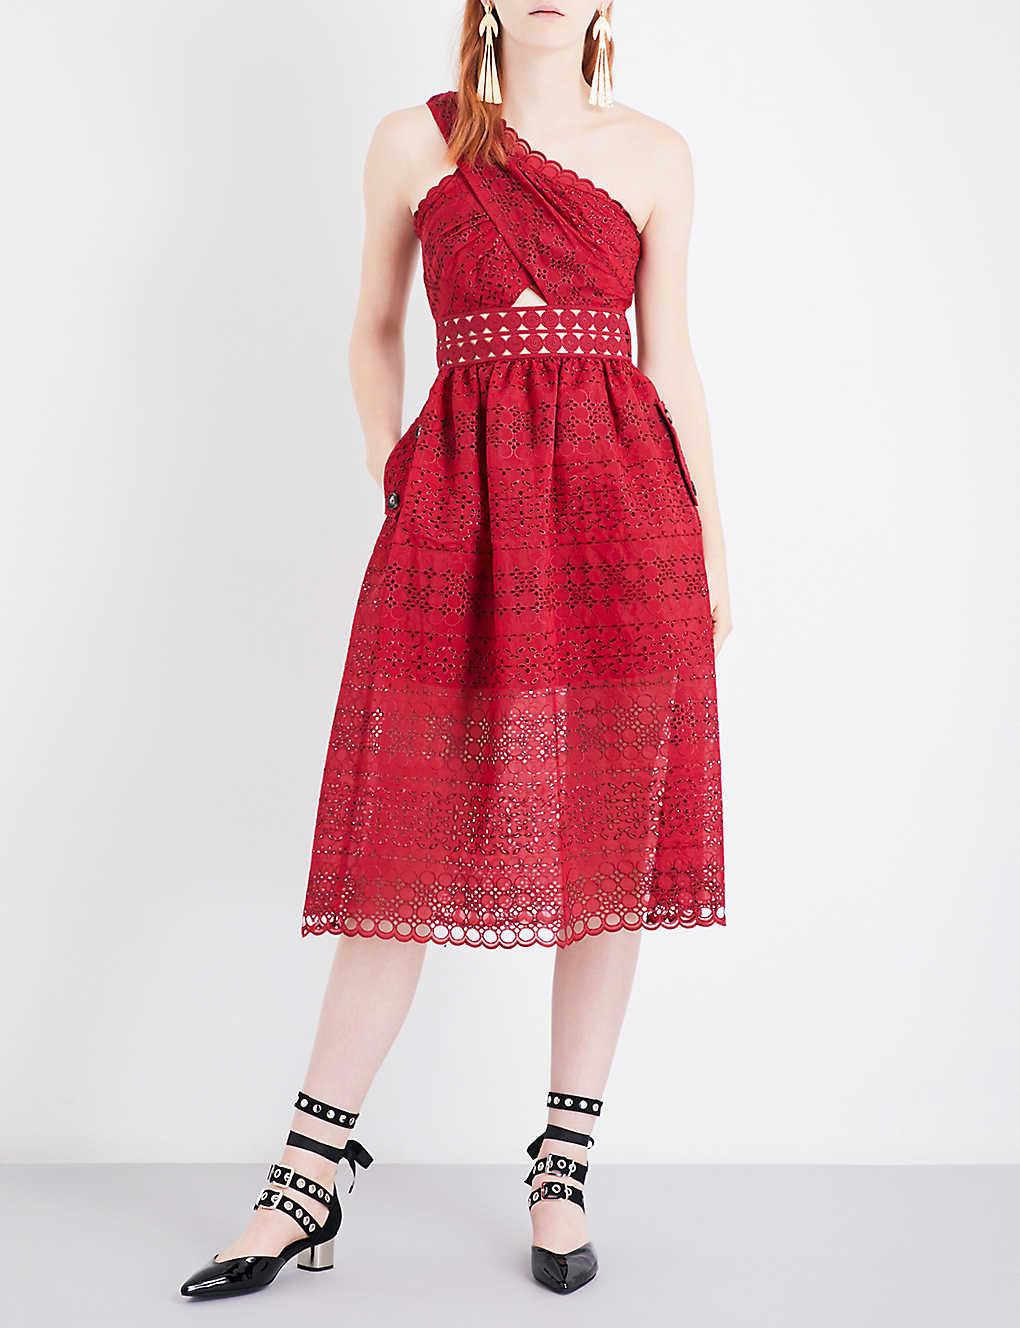 Christmas dress boutiques - Self Portrait One Shoulder Cutout Midi Dress